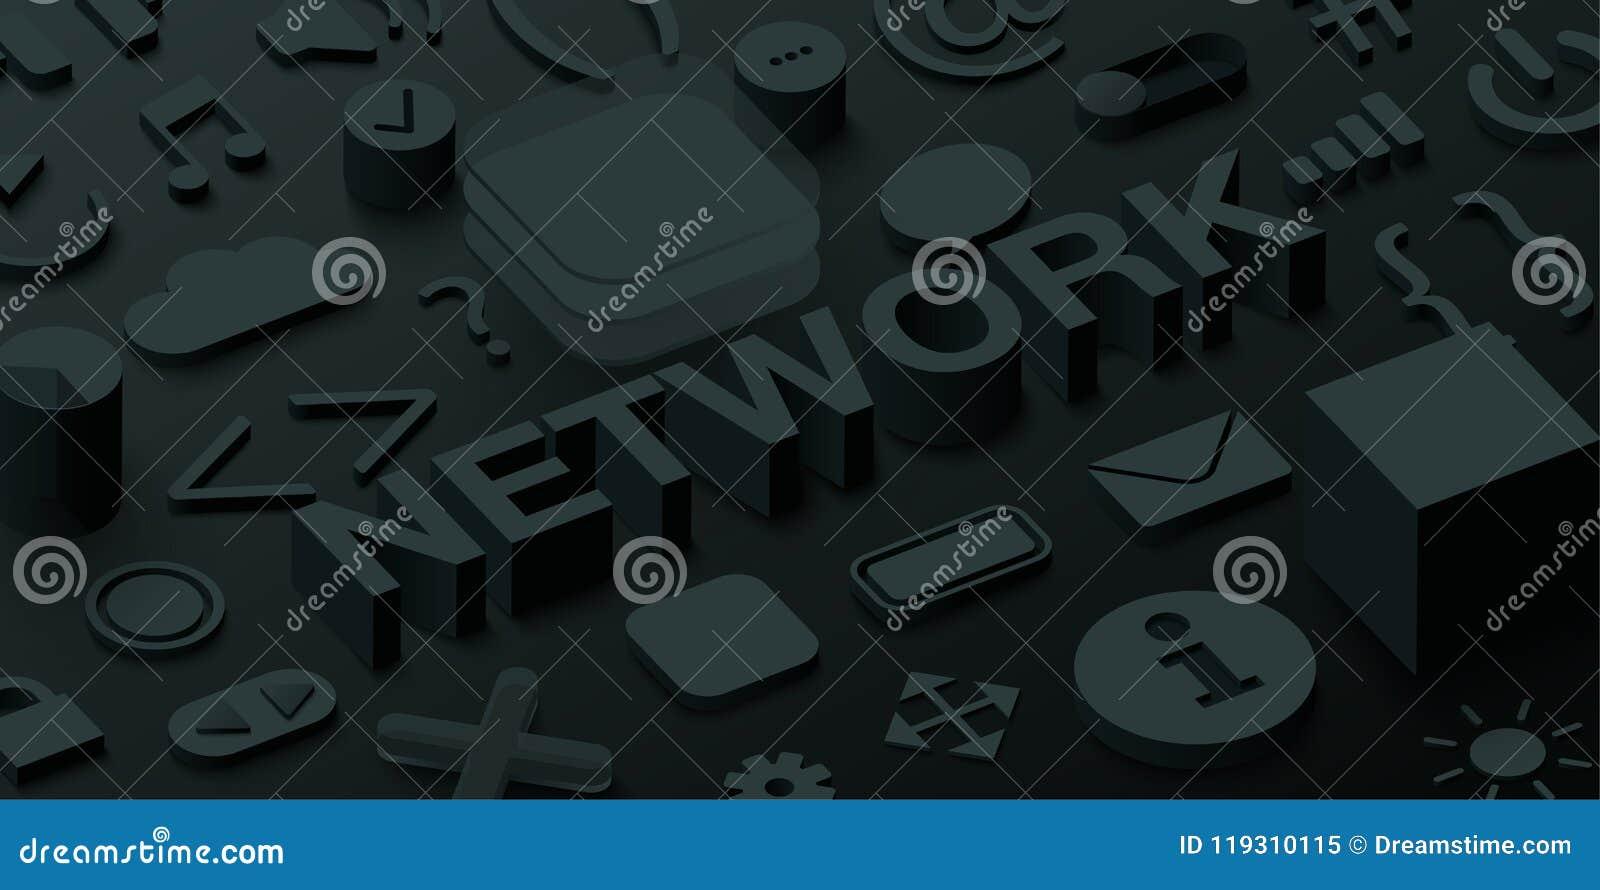 Fundo preto da rede 3d com símbolos da Web do ui